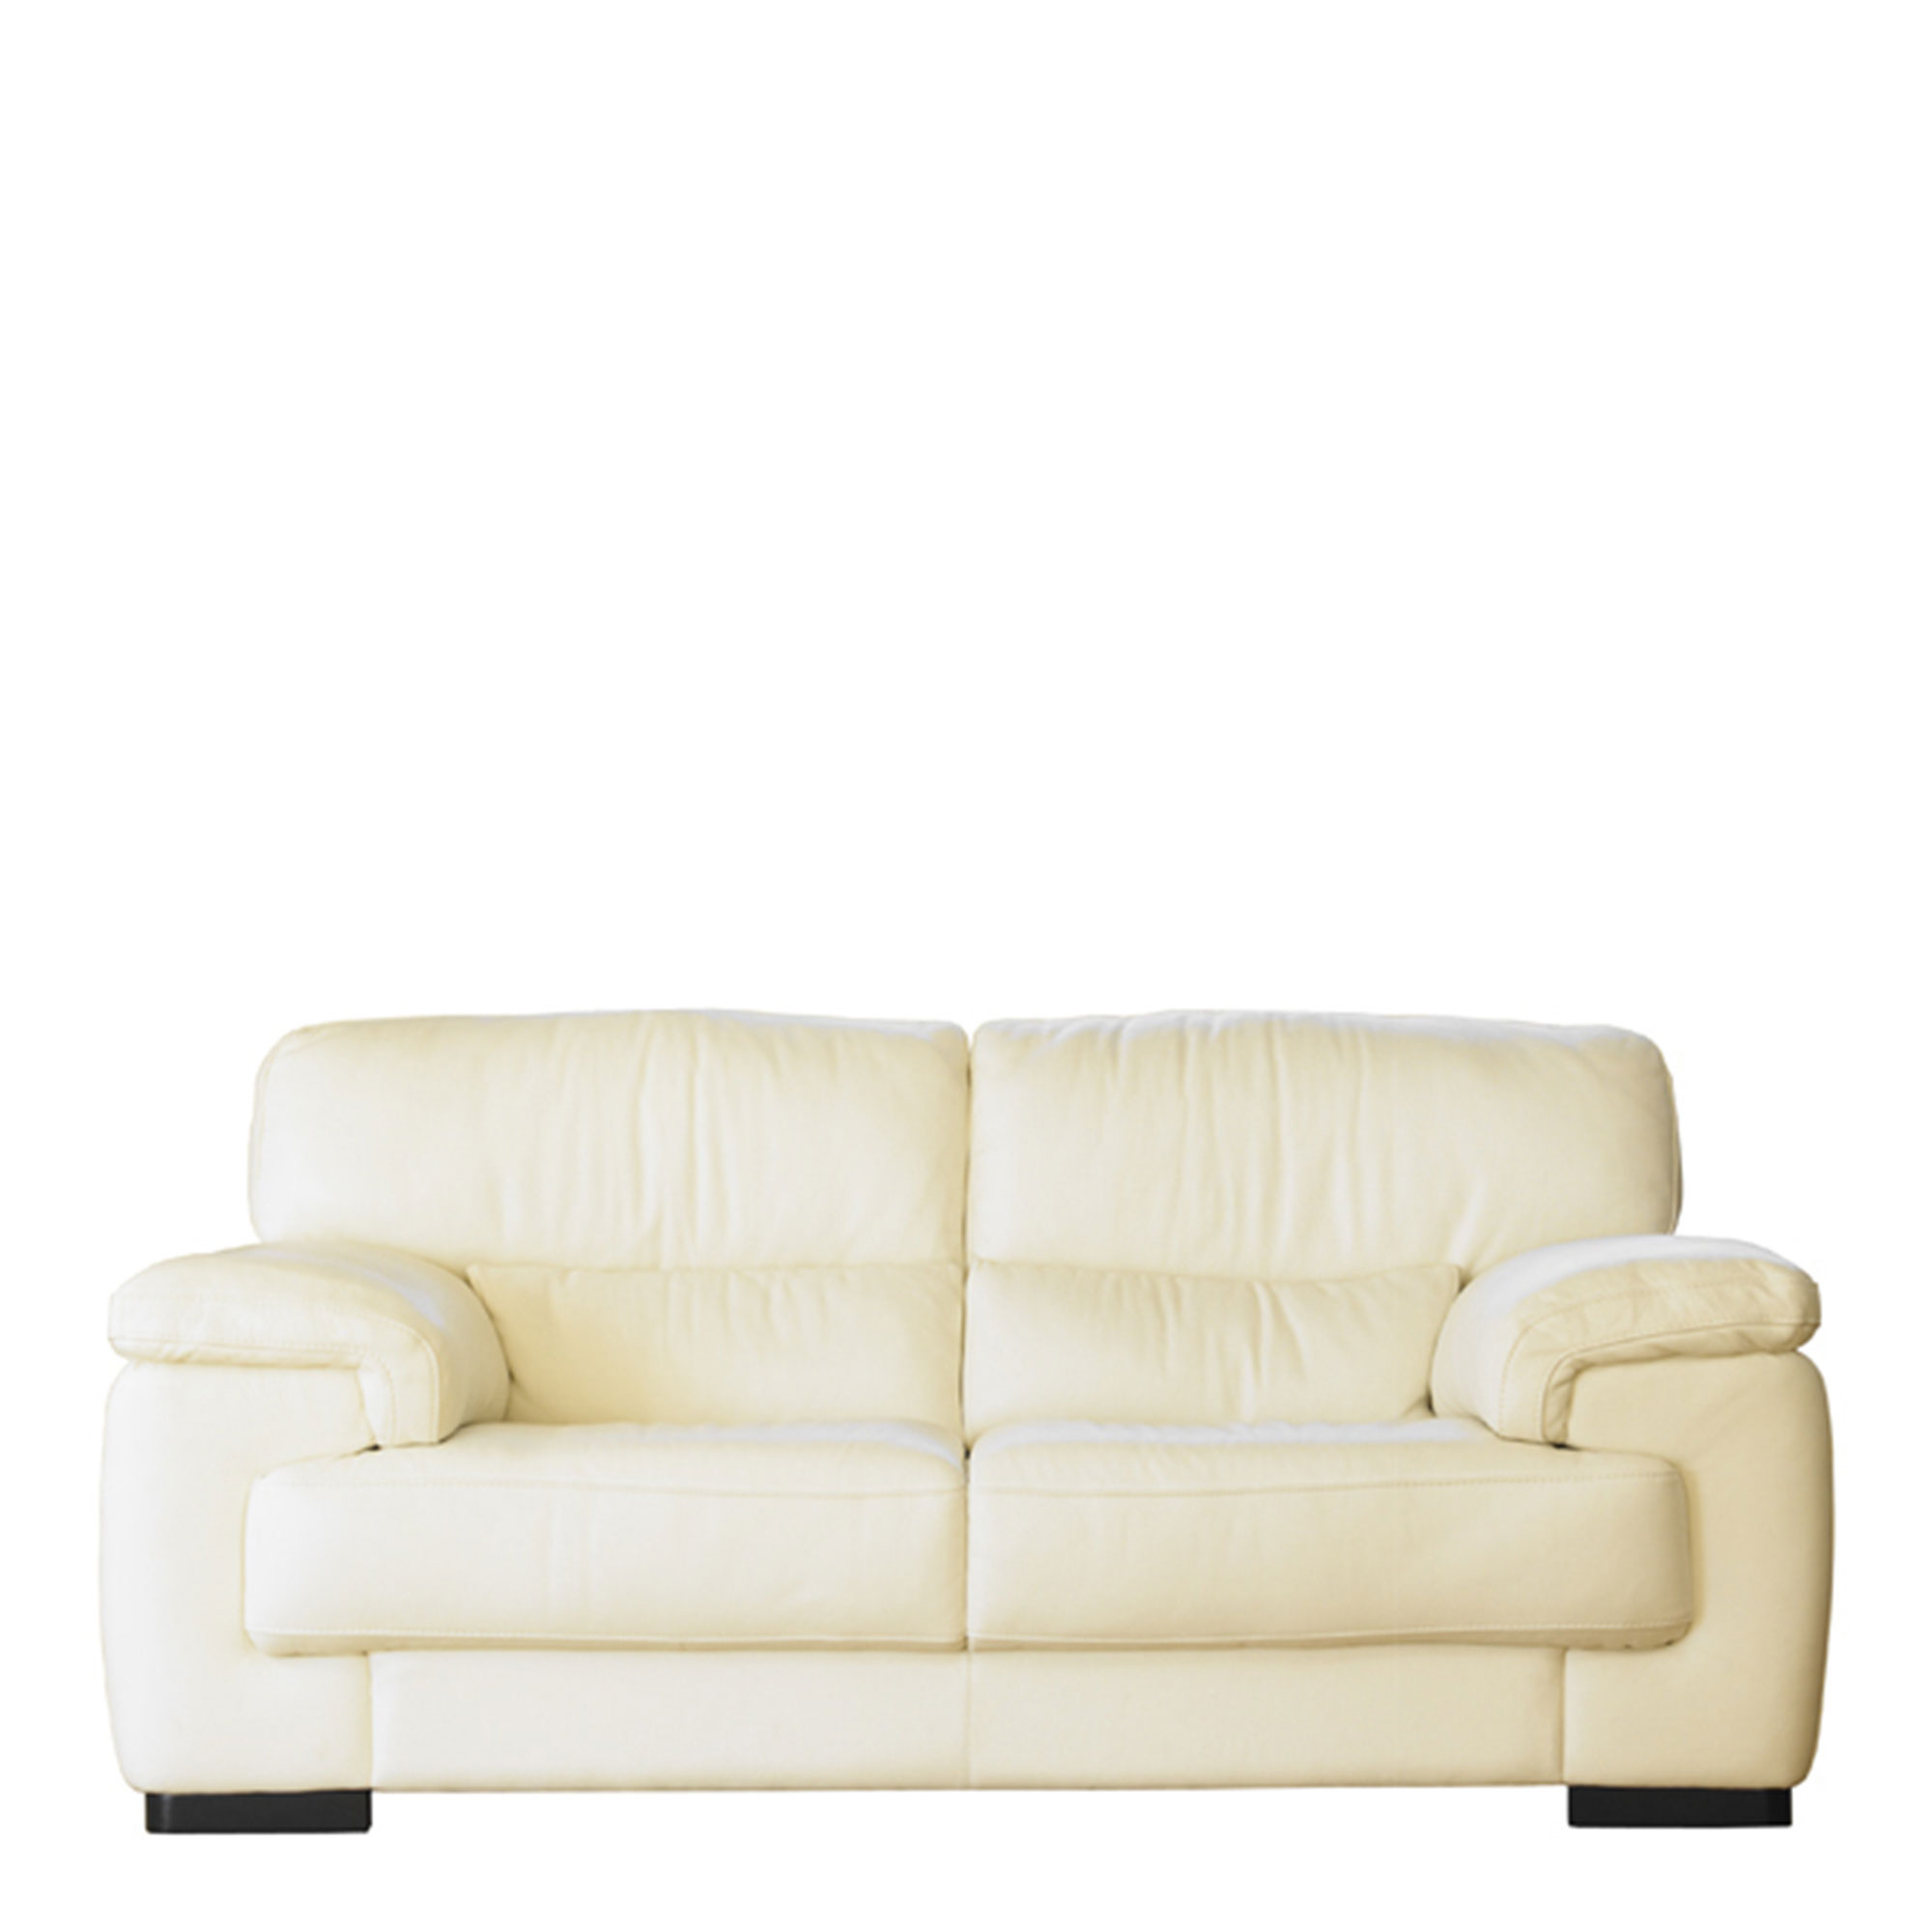 Montana – 2 Seat Sofa – Leather Sofas – Fishpools Regarding Montana Sofas (View 3 of 15)